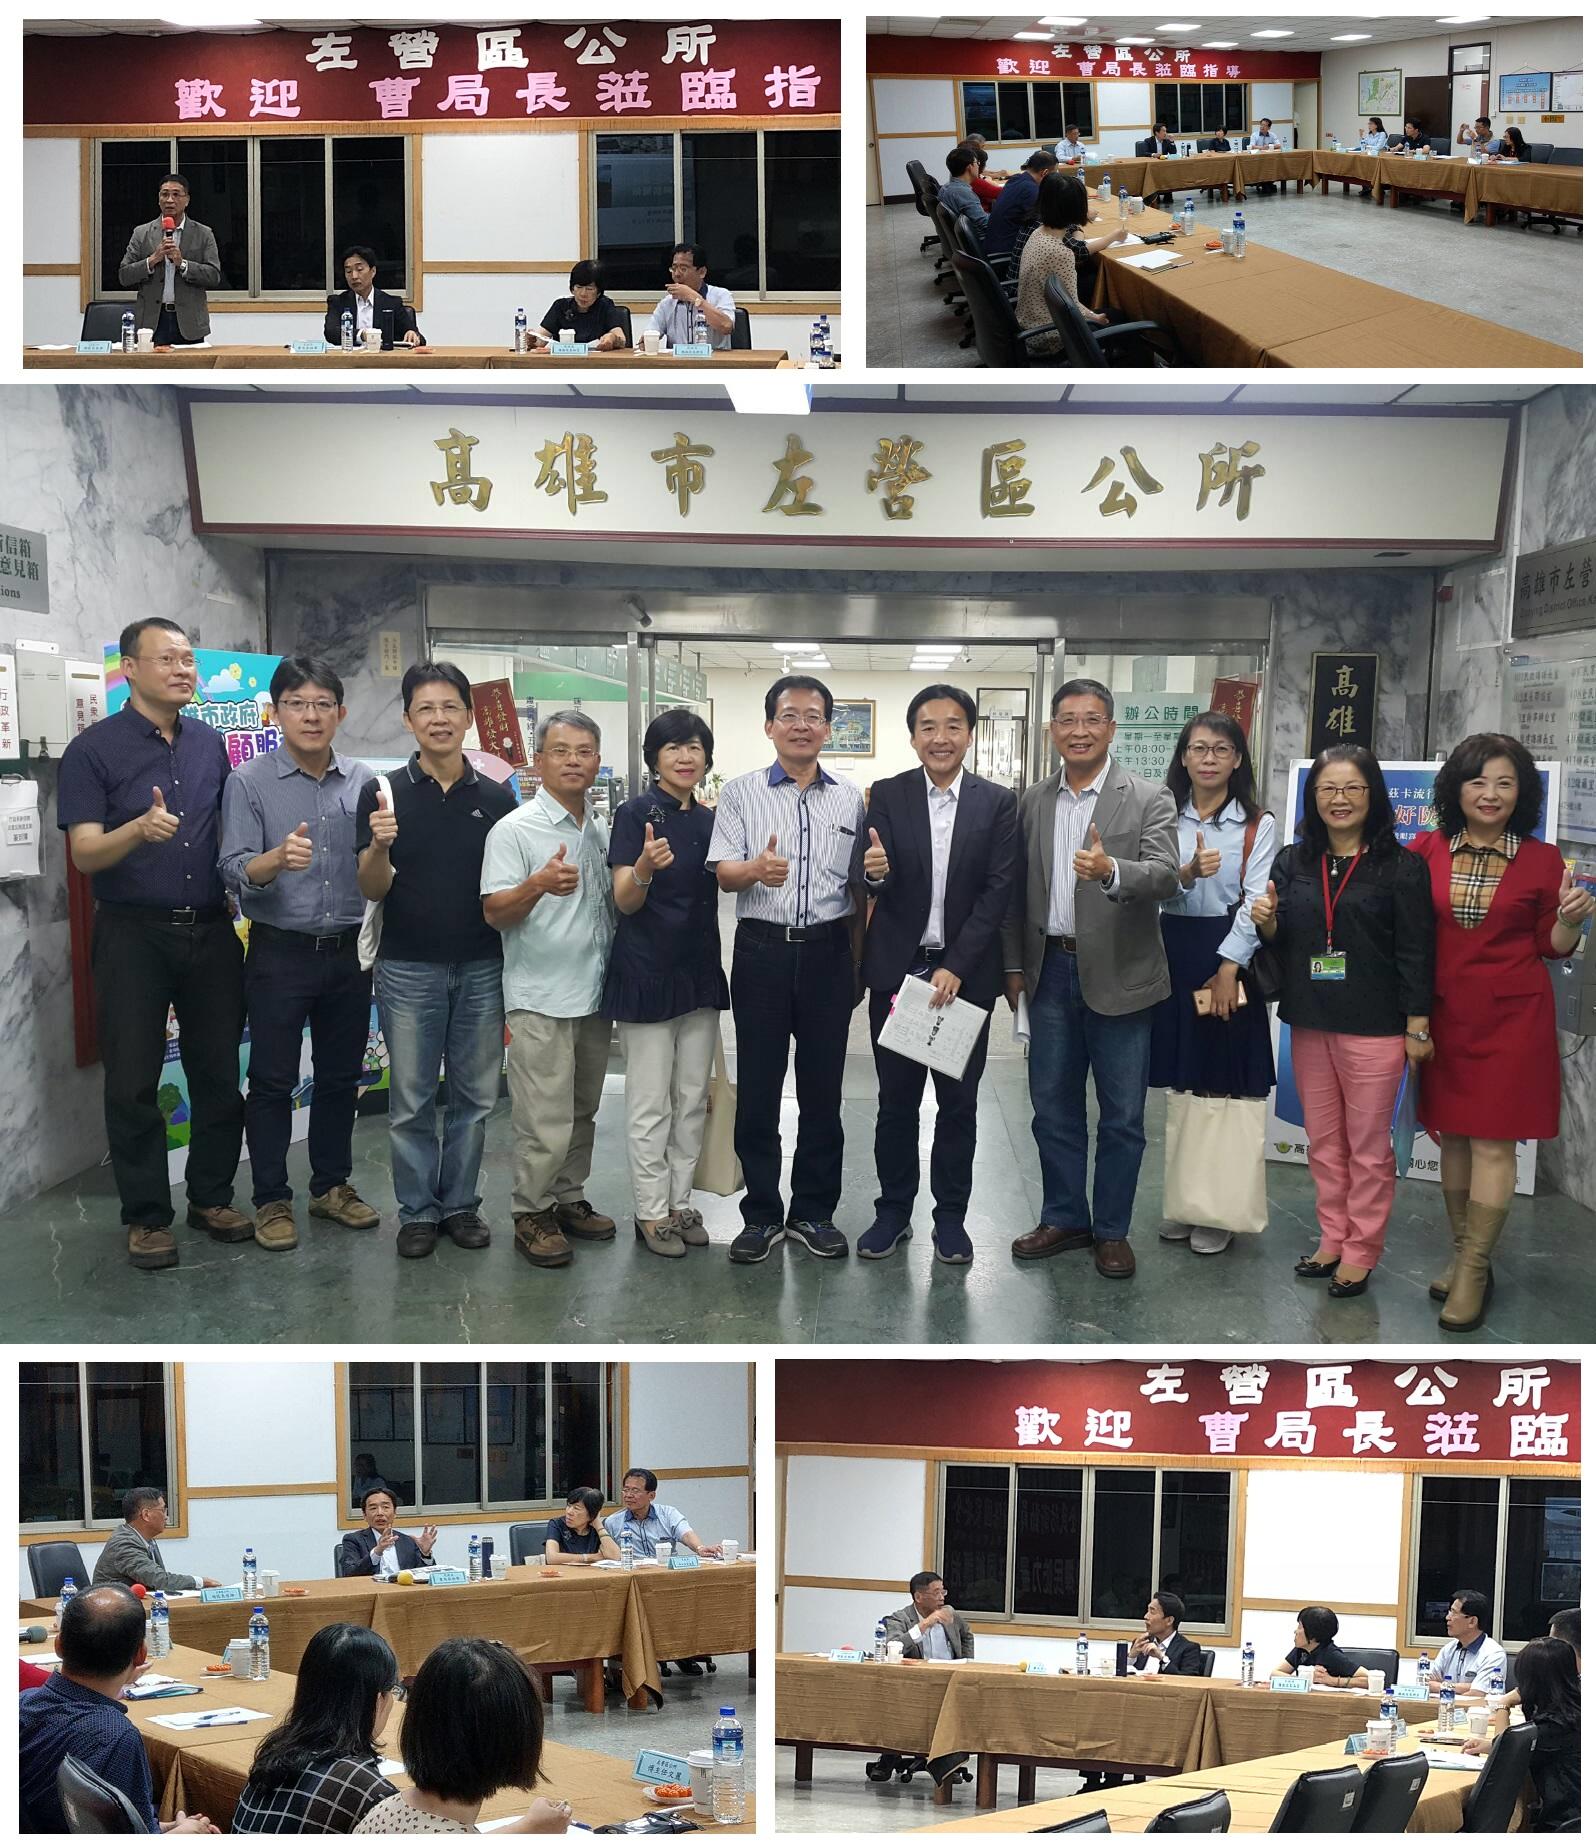 民政局曹桓榮局長及民政局團隊至本所訪視